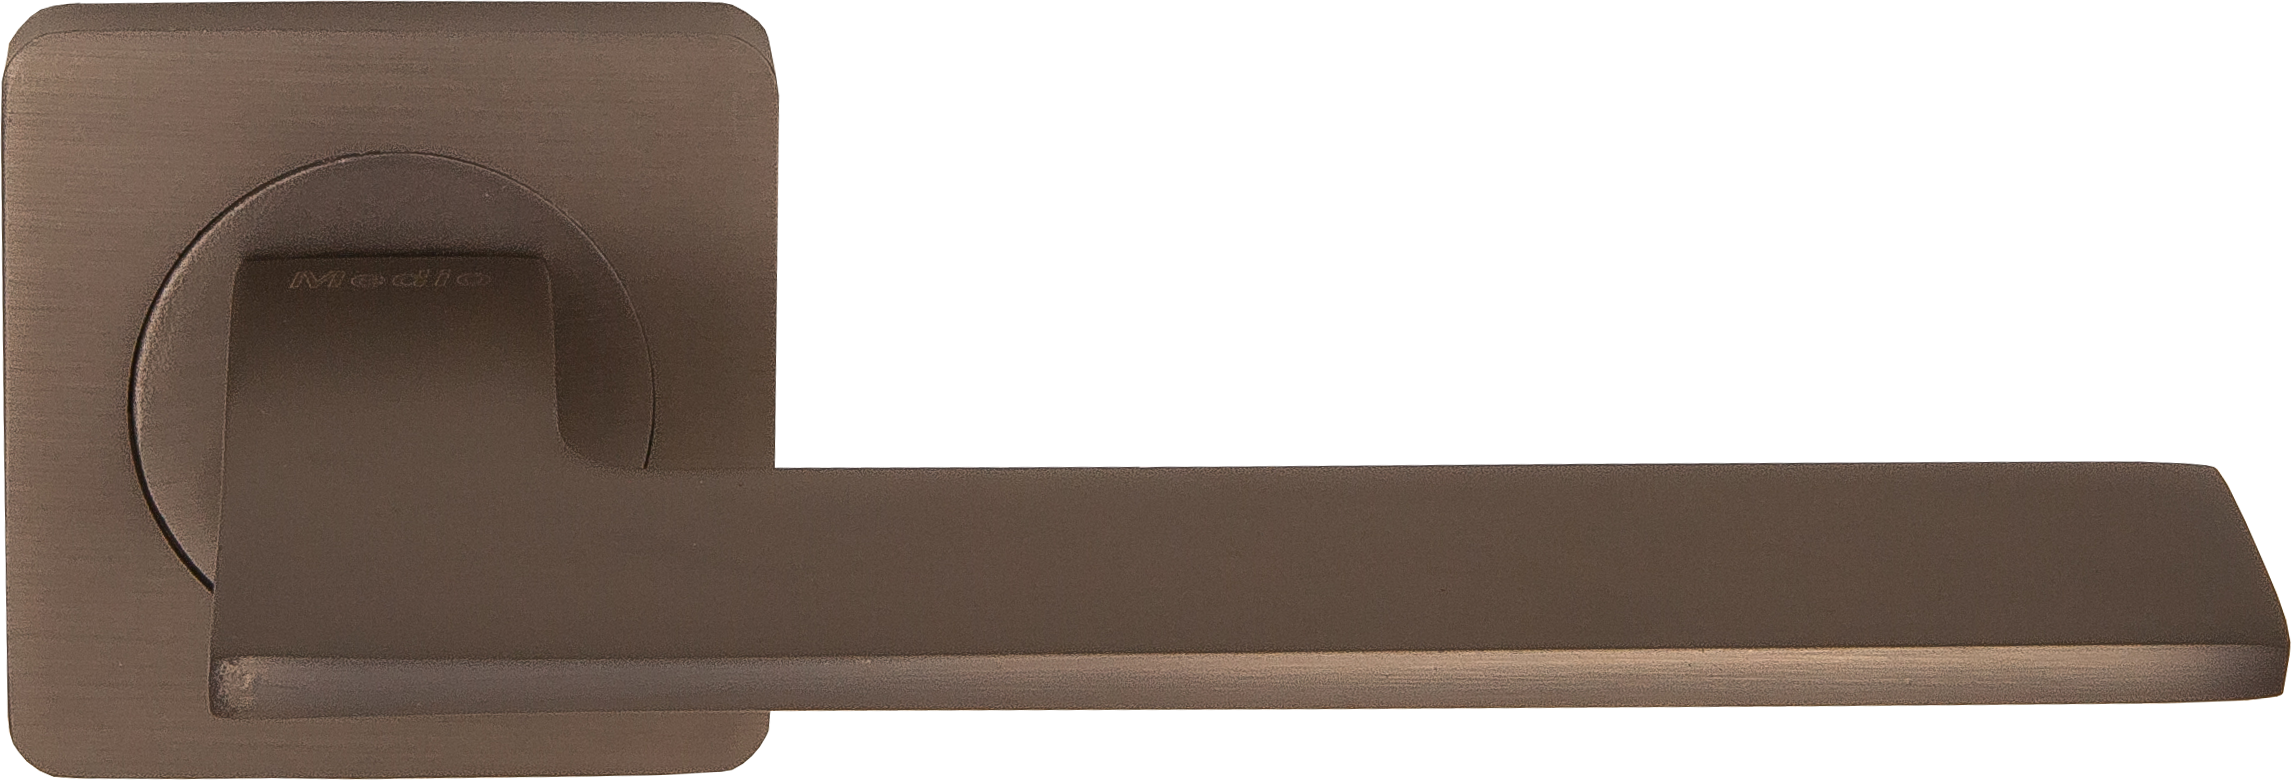 Ручка Медио ML6636-75 MBN графит (20 шт)